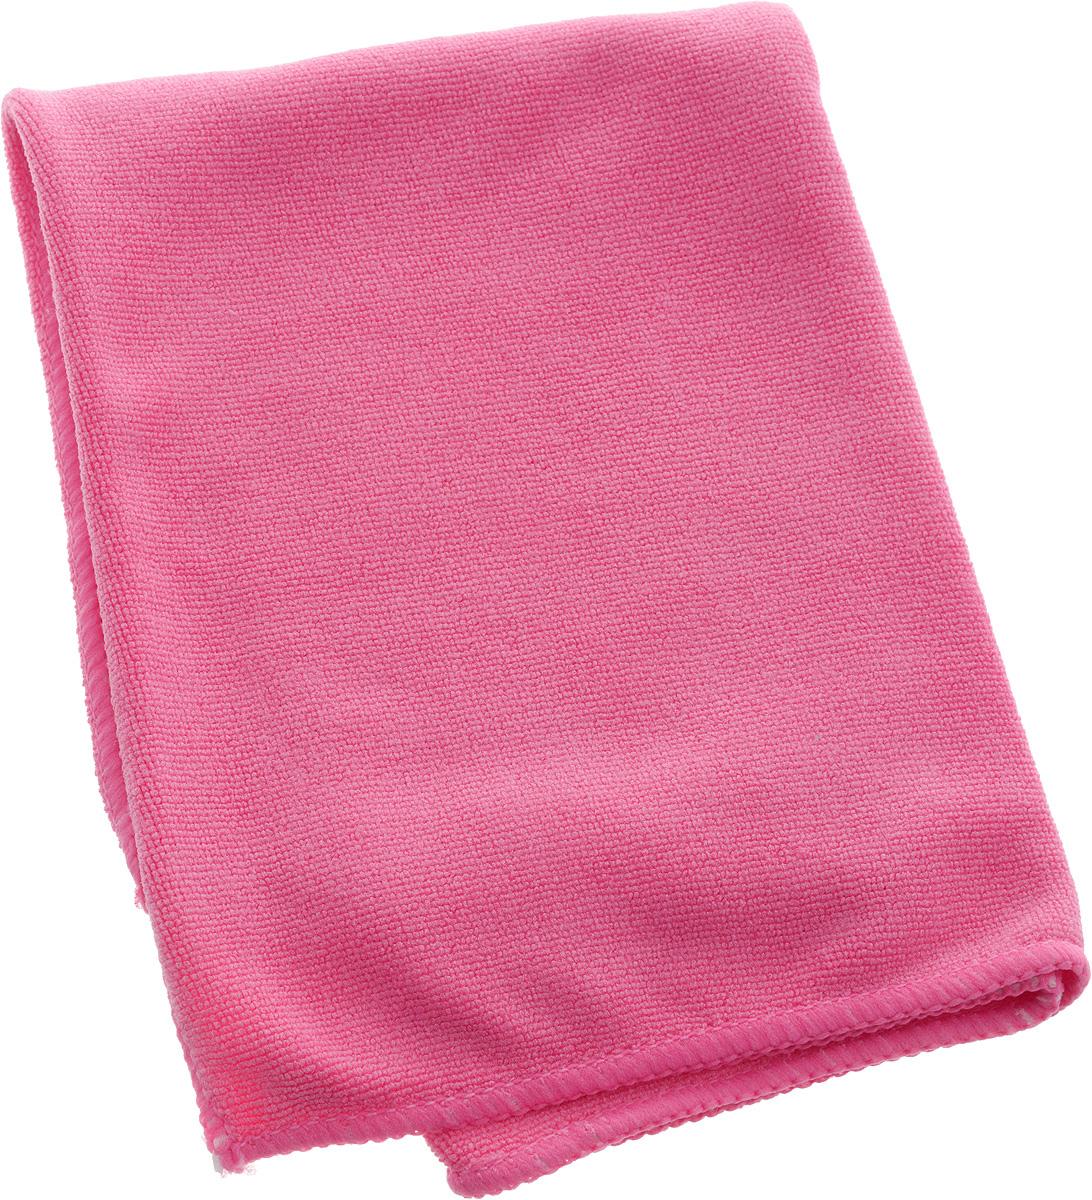 Салфетка из микрофибры Airline, цвет: розовый, 40 х 60 смRC-100BWCМягкая салфетка Airline выполнена из микрофибры. Мягкий ворс микрофибры очистит поверхность от пыли и загрязнений, микробов и грибков, и не отставит царапин. Материал хорошо впитывает жидкость, быстро сохнет и не подвержен быстрому износу после многочисленных стирок.